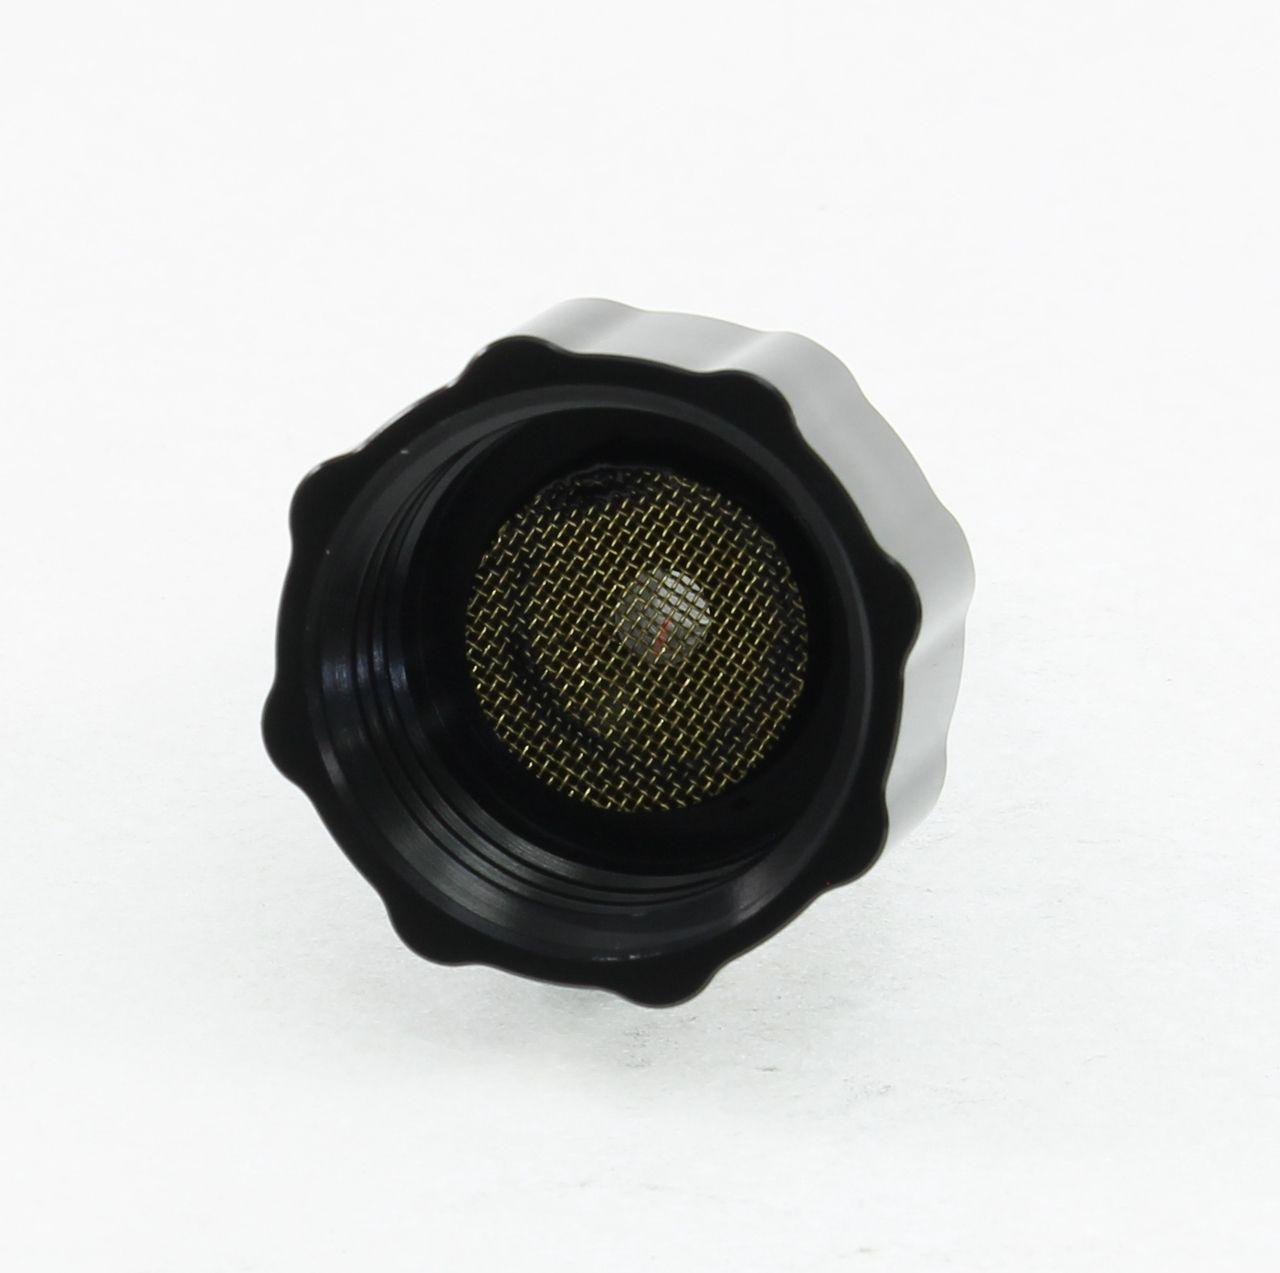 【SHIFT UP】機油箱過濾轉接頭 - 「Webike-摩托百貨」